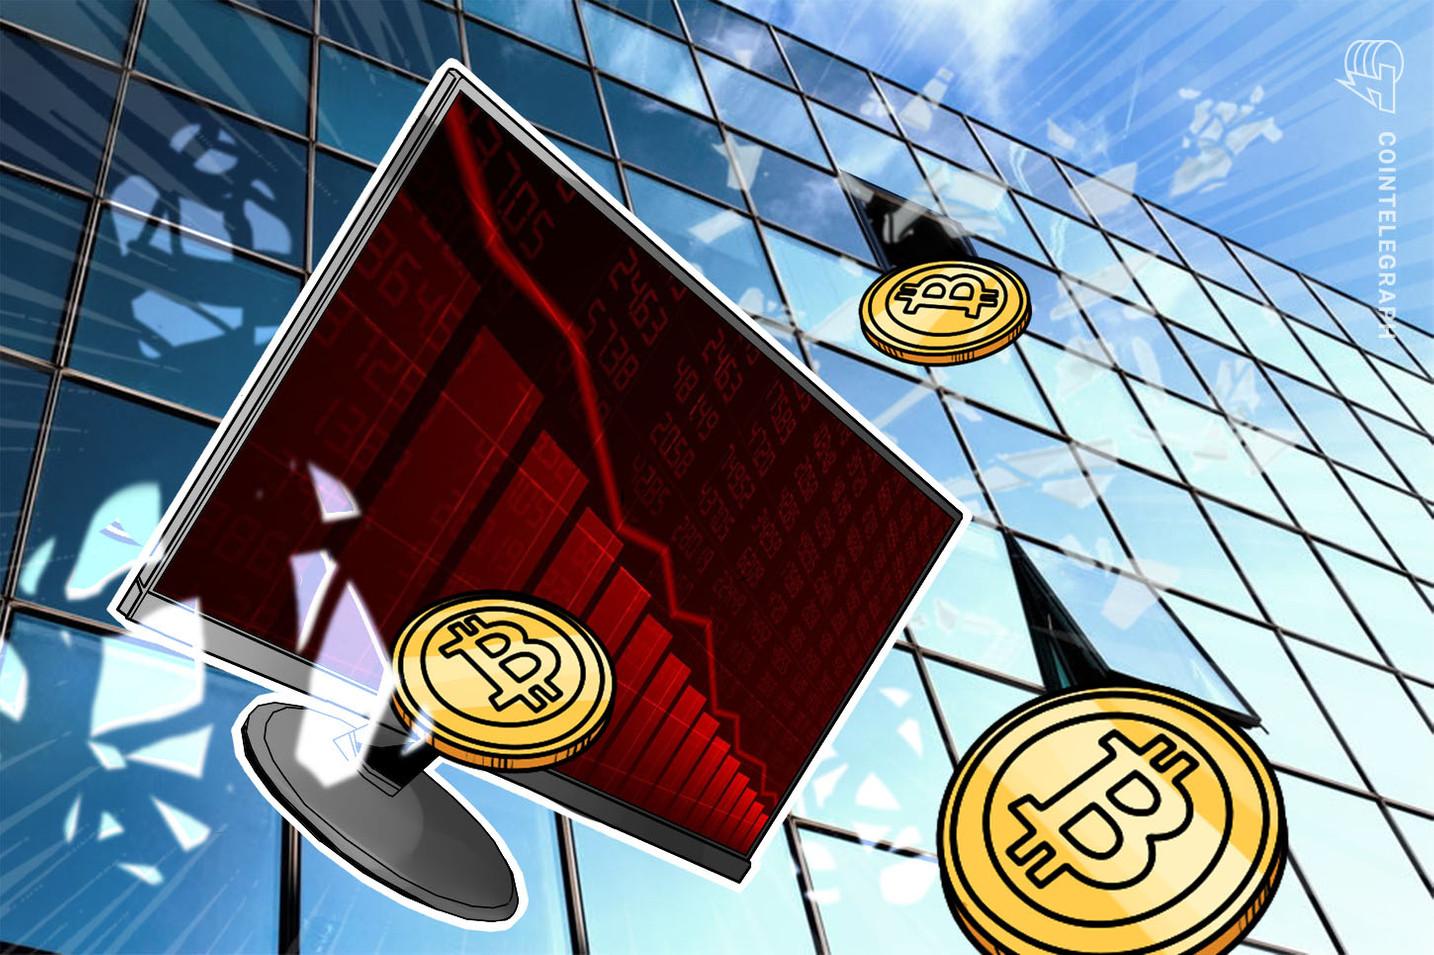 Bitcoin cai abaixo de US$18.000 - Aqui estão os níveis para observar a seguir